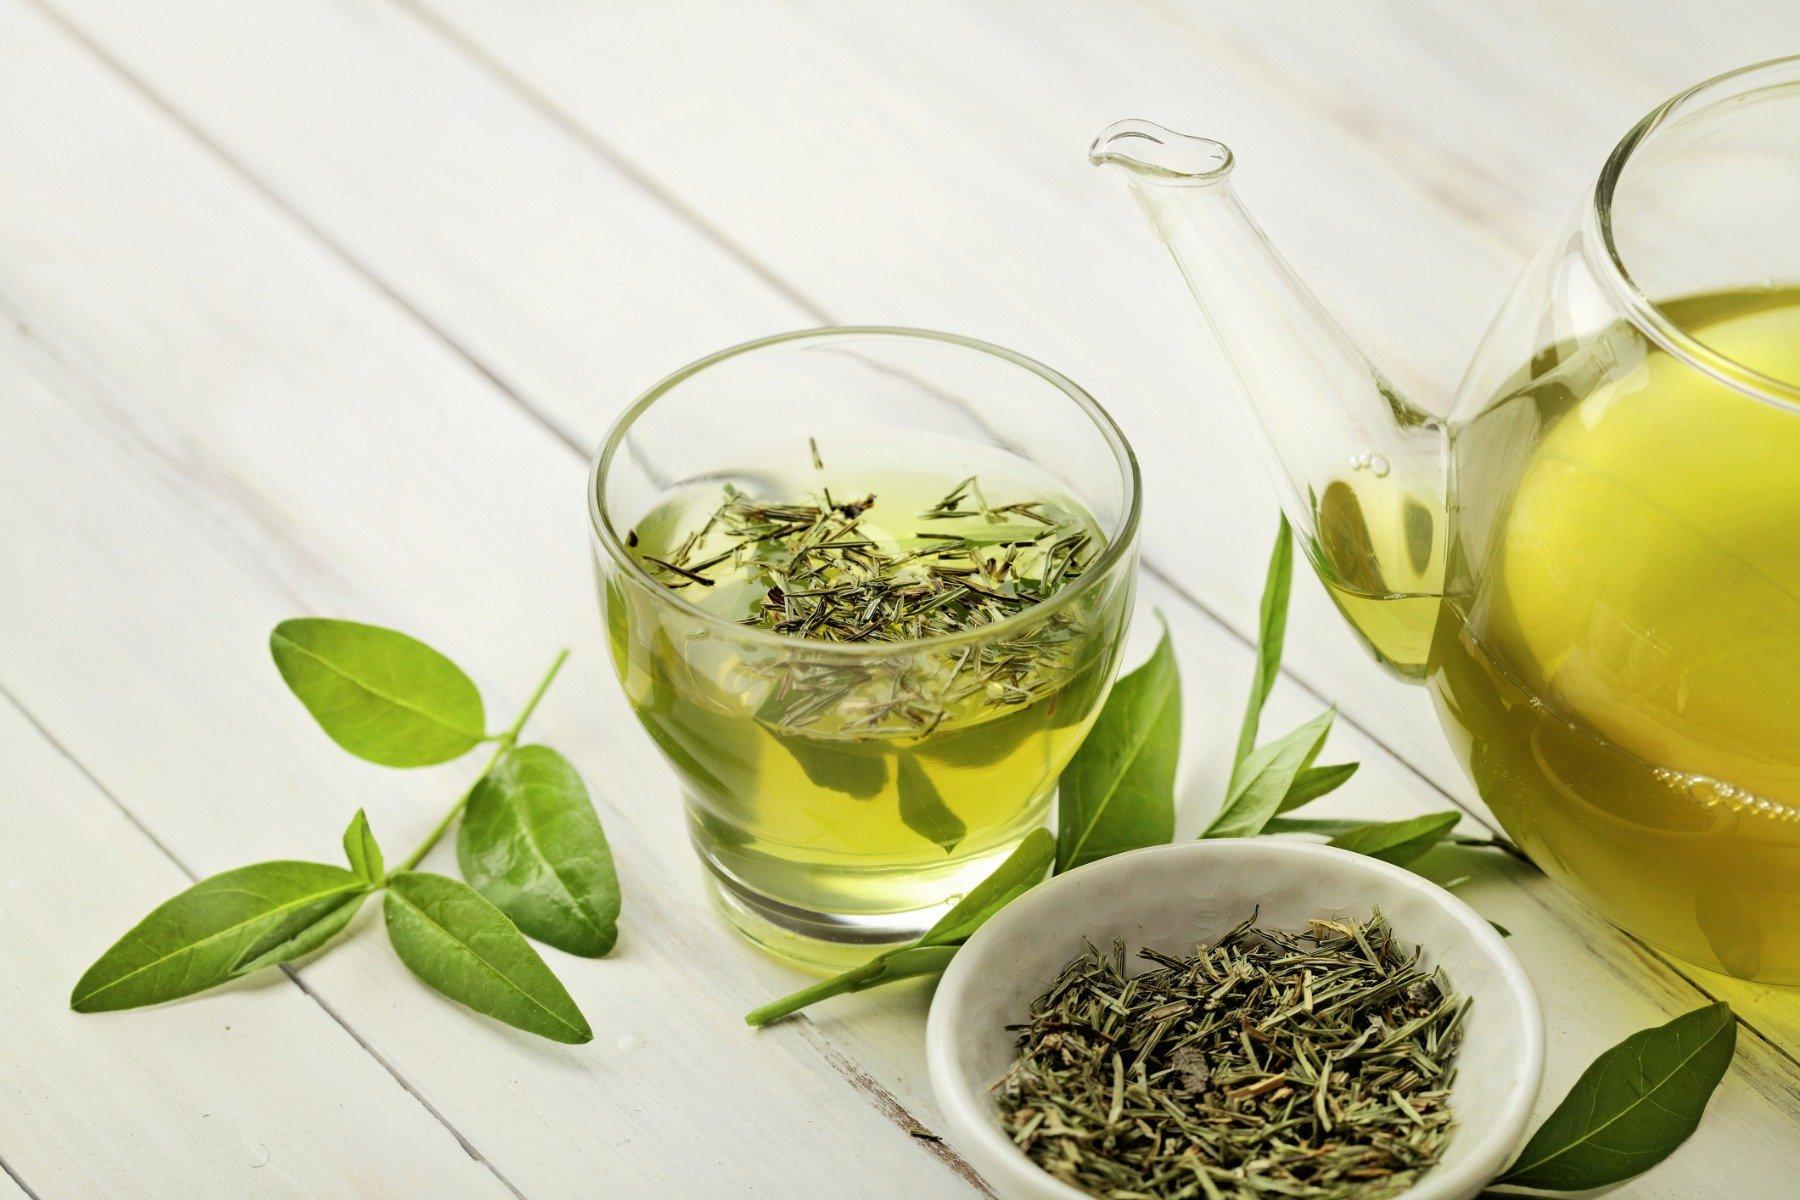 8 положительных эффектов зеленого чая на здоровье спортсменов - GymBeam Blog